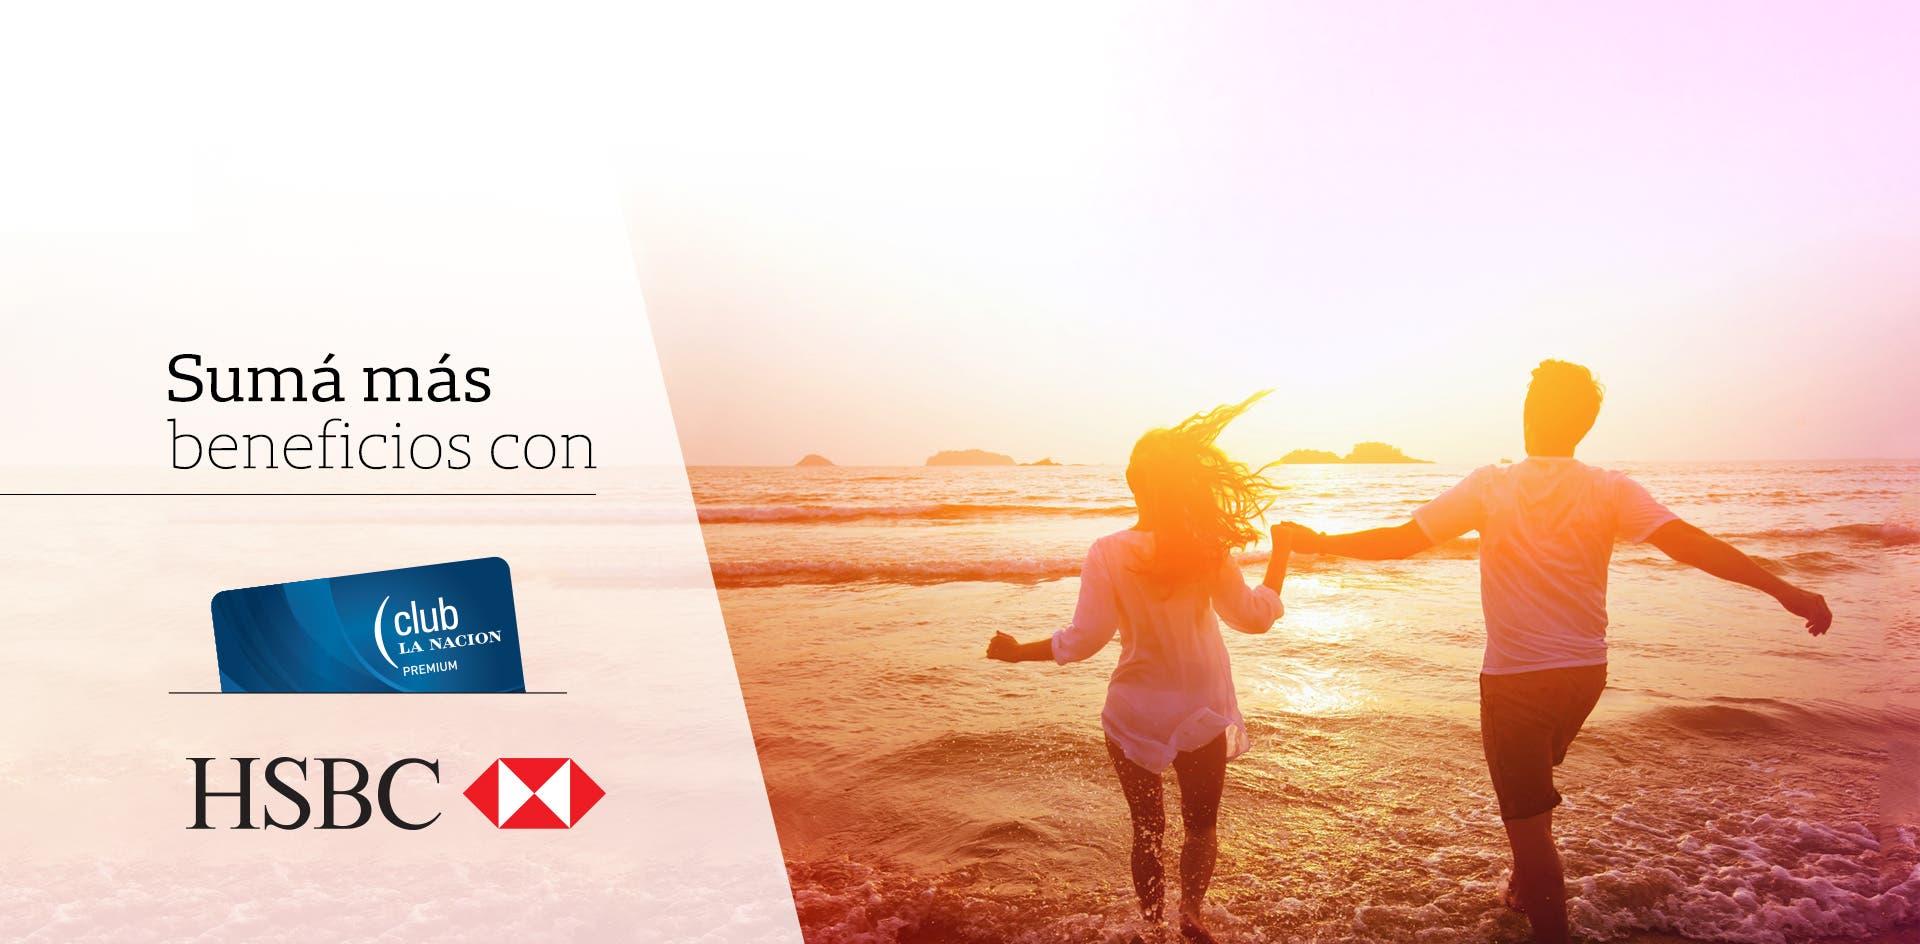 Club LA NACION + HSBC: El complemento ideal de beneficios